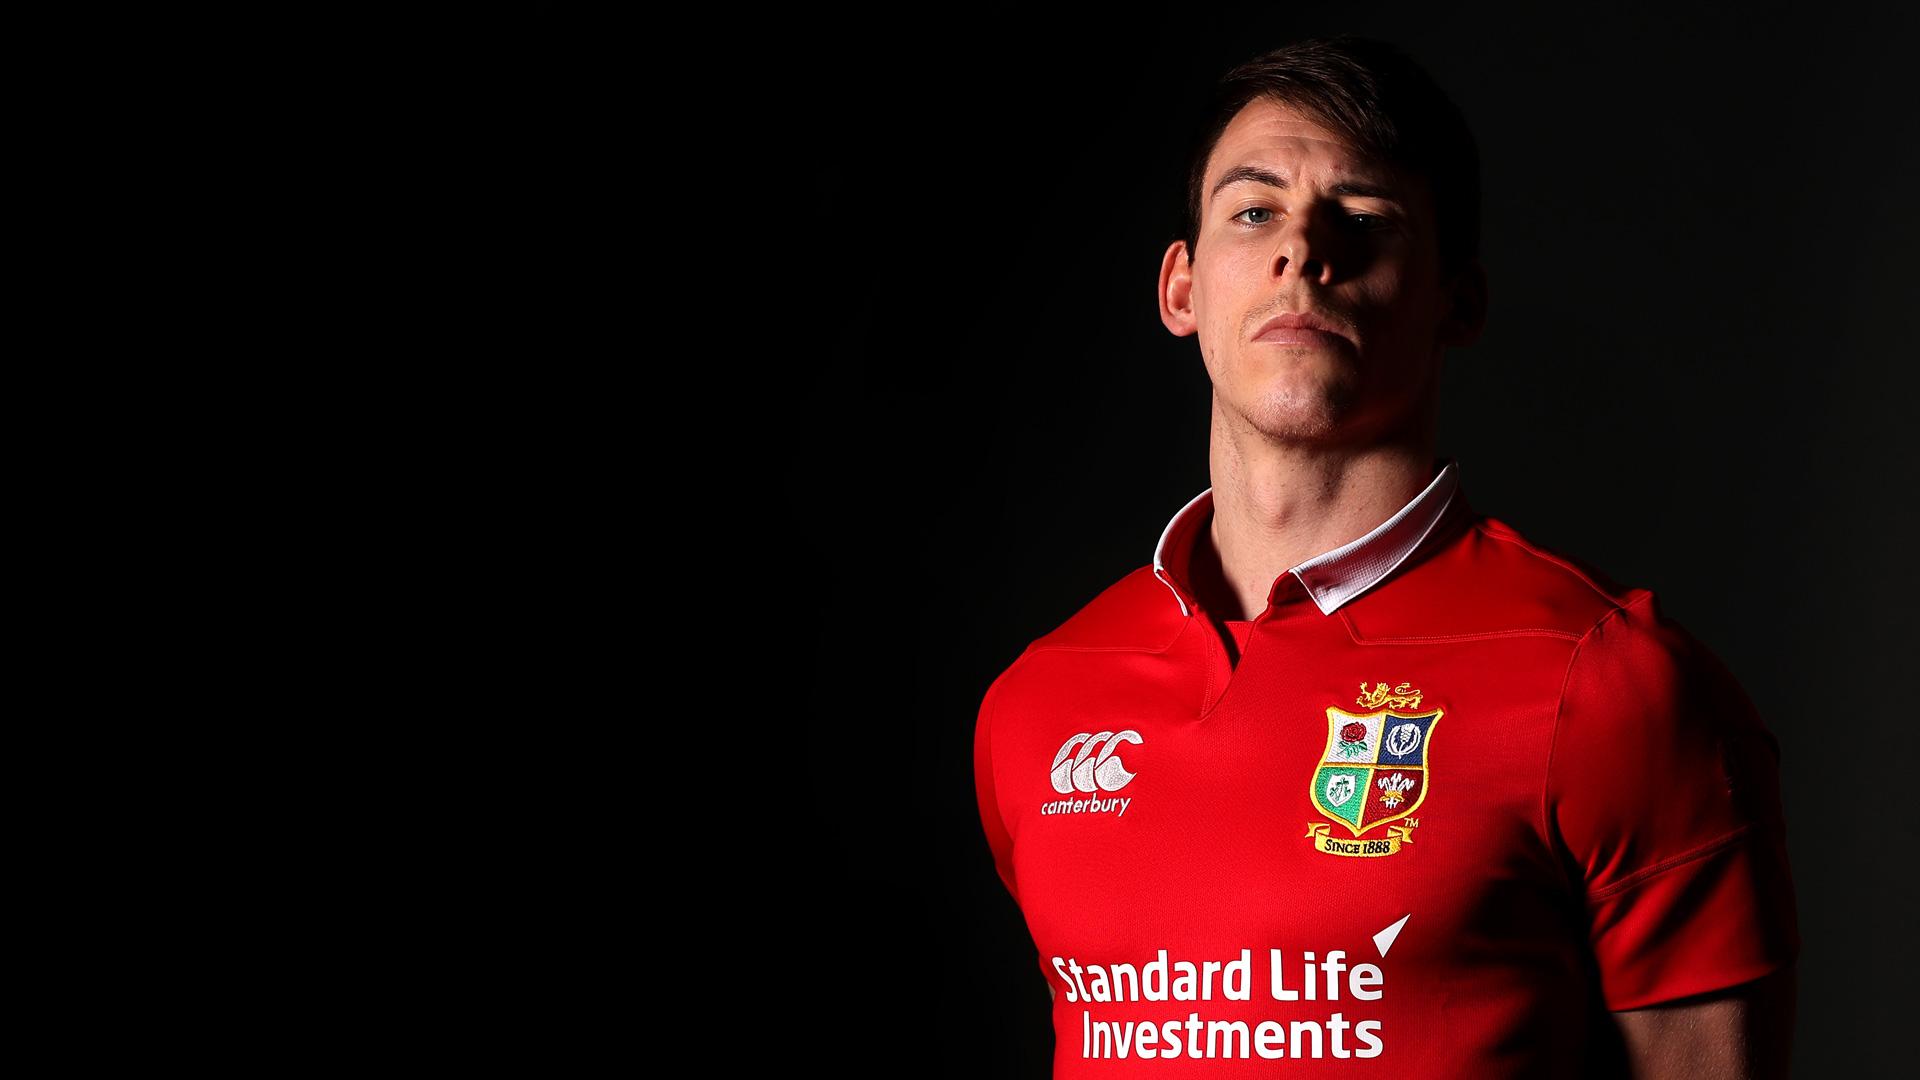 British Irish Lions Liam Williams